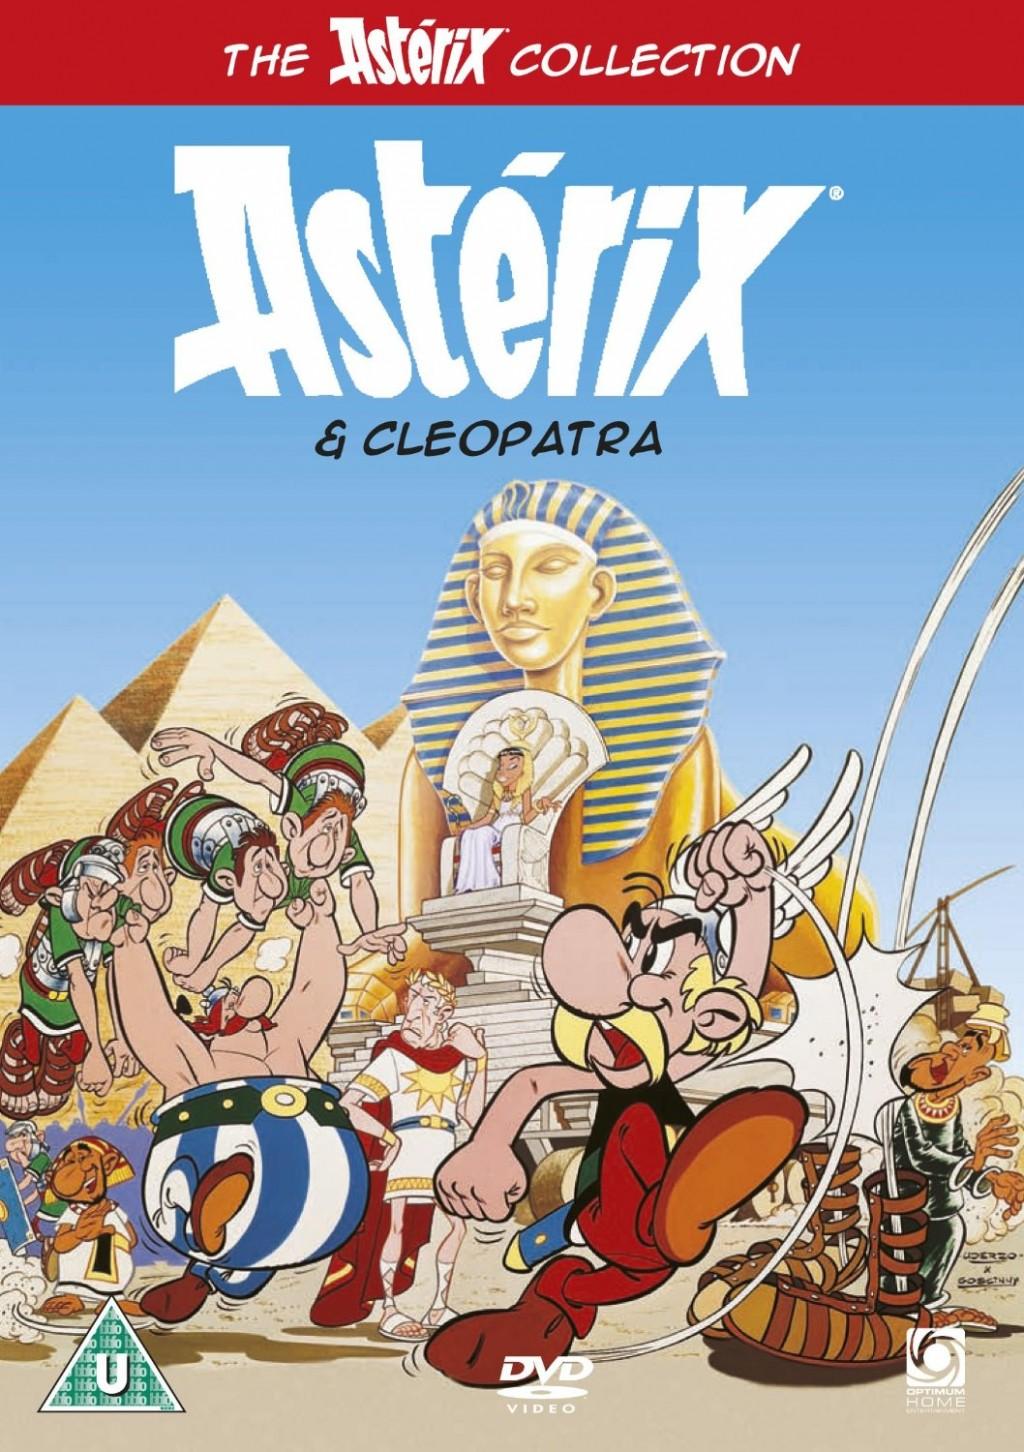 Cleopatra Animated Movie